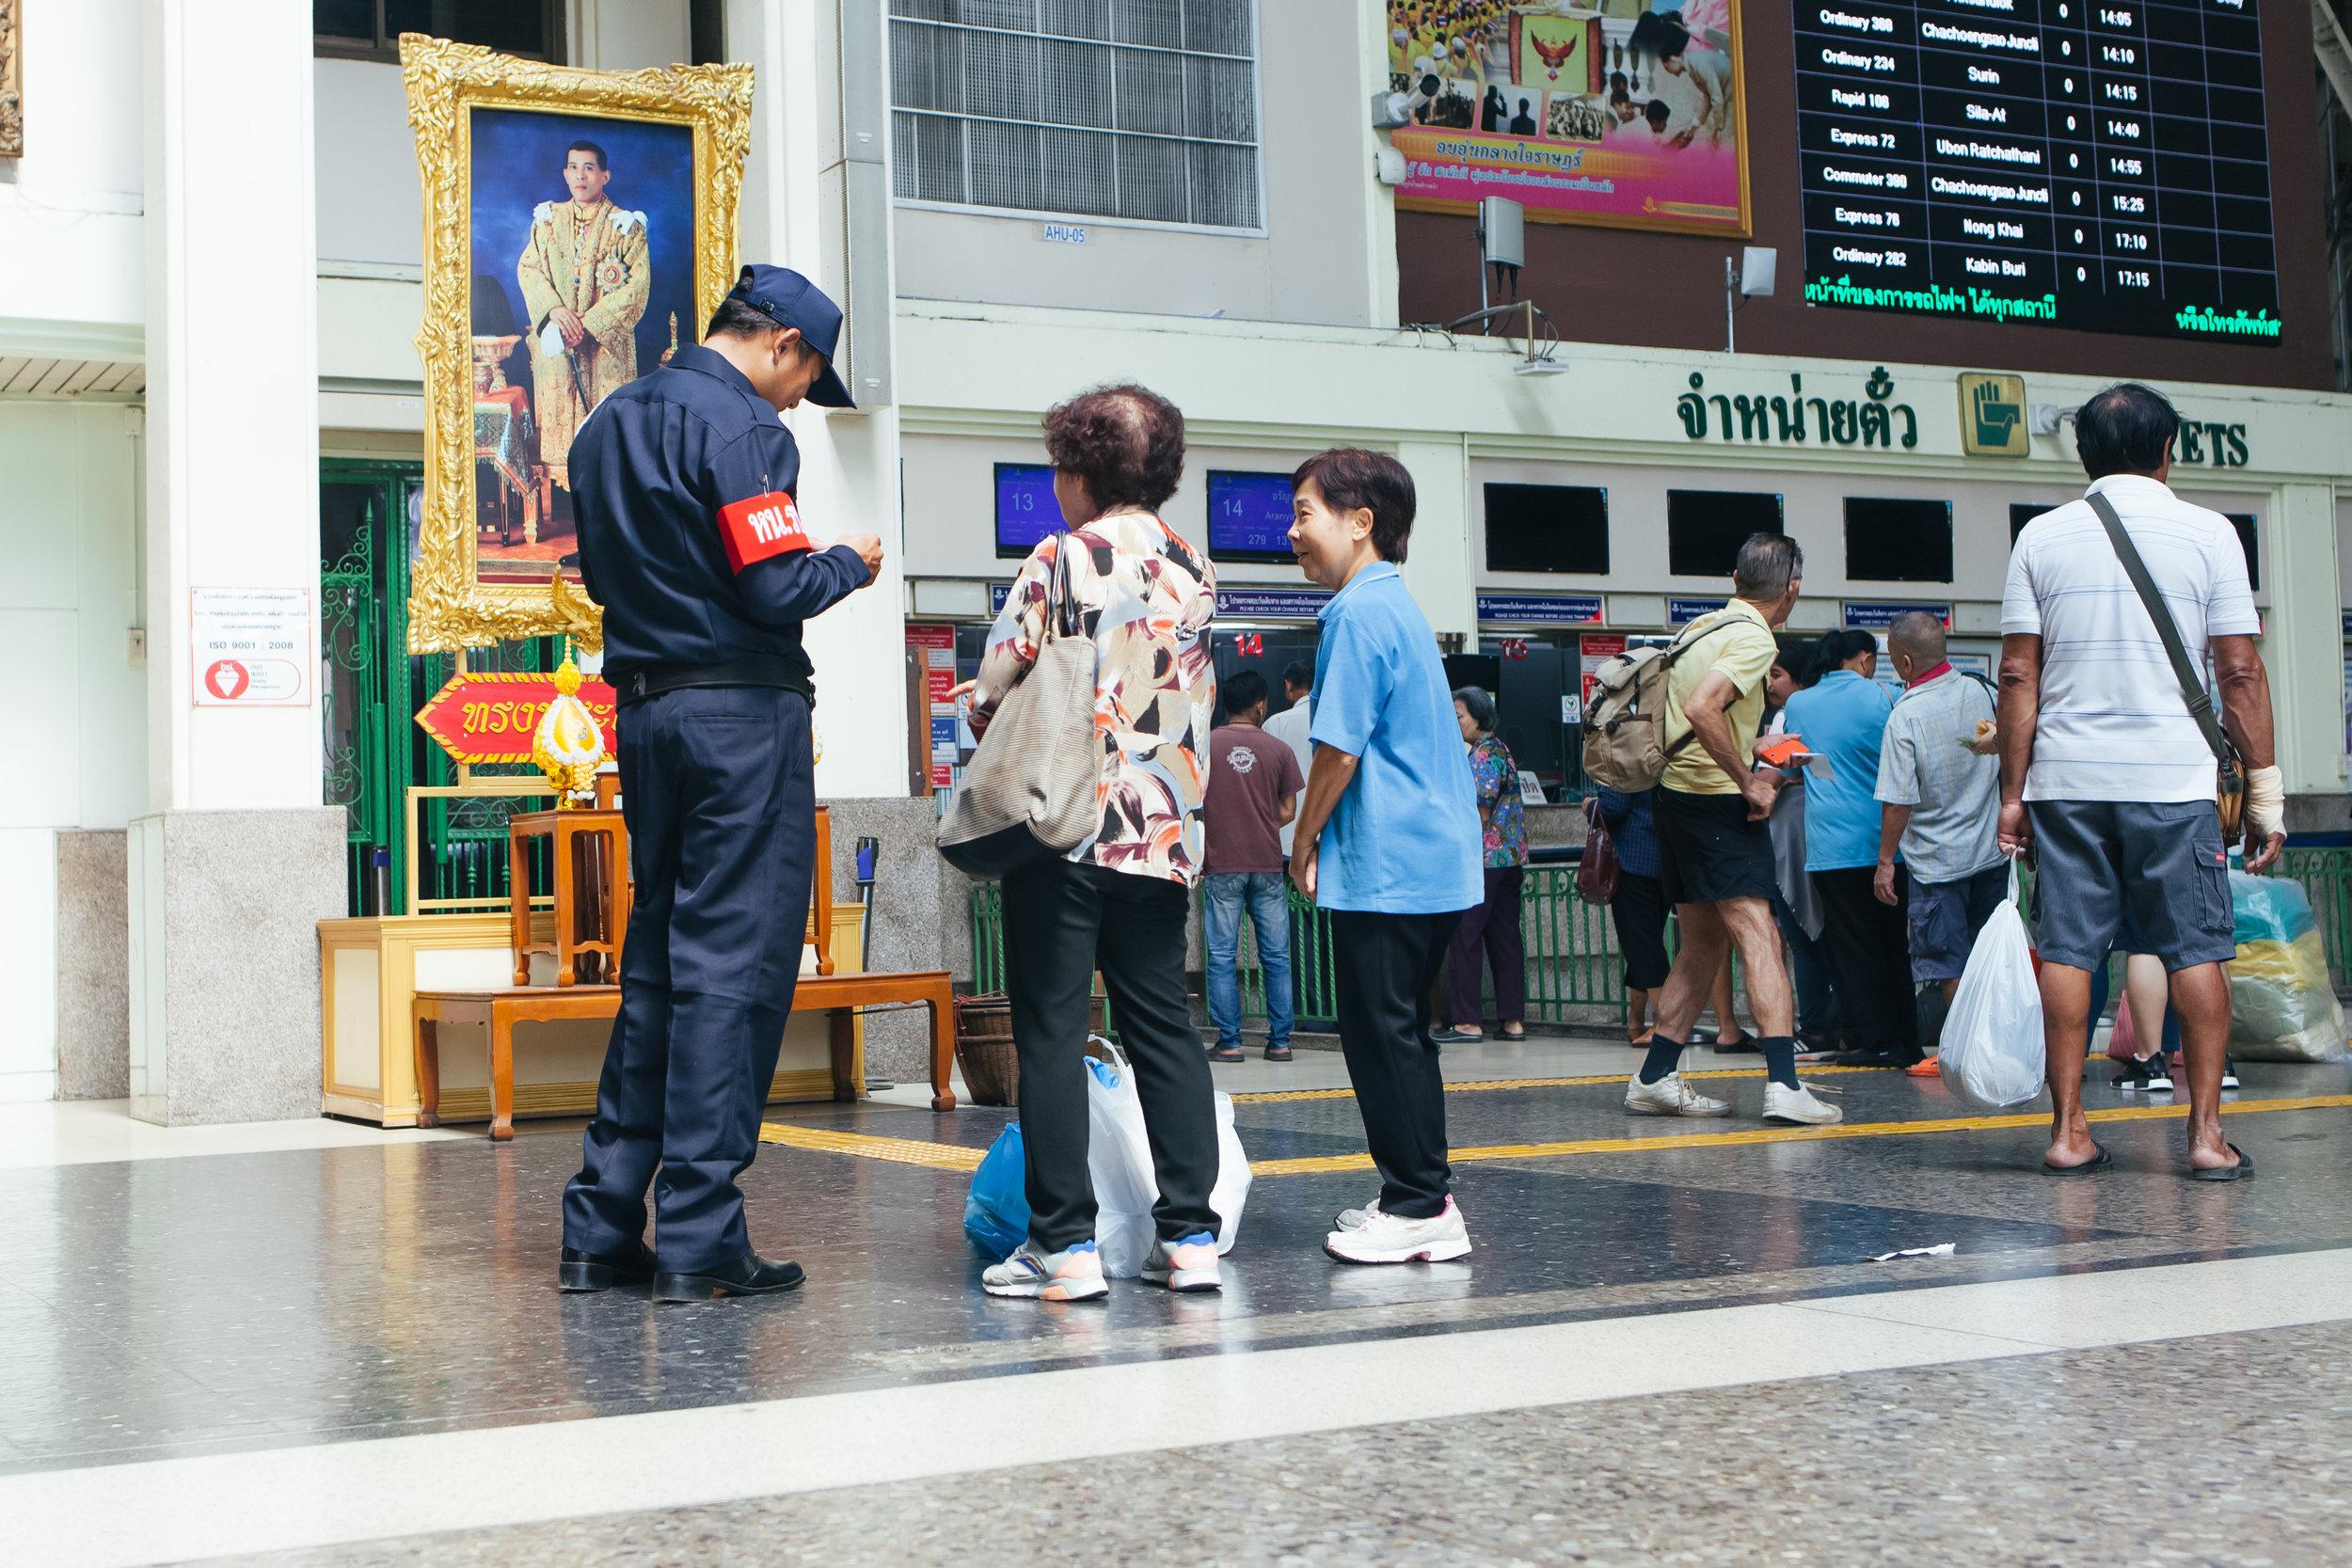 thailand_lampang_ayuthaya_train (74 of 77).jpg